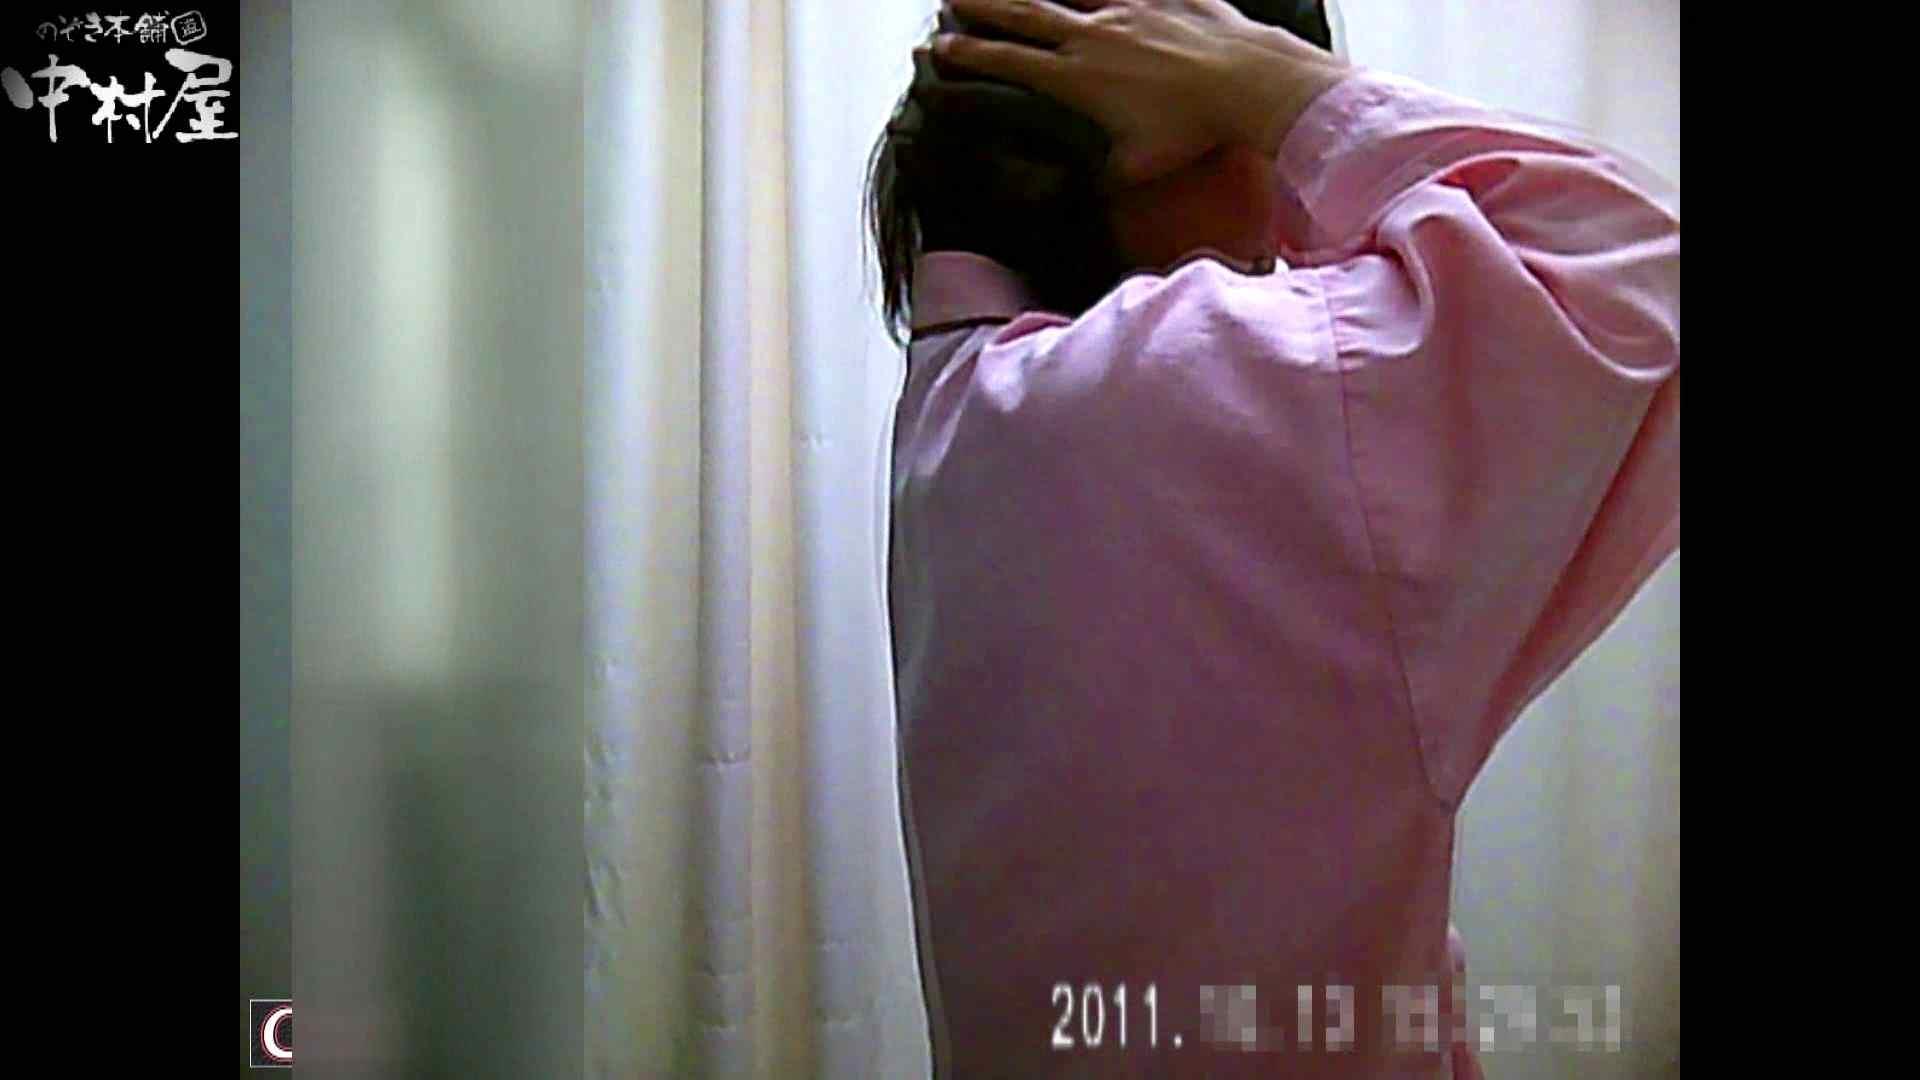 激ヤバ健康診断!着替えの一部始終.vol.56※本編ボカシ・目線無し 盗撮師作品  105pic 48